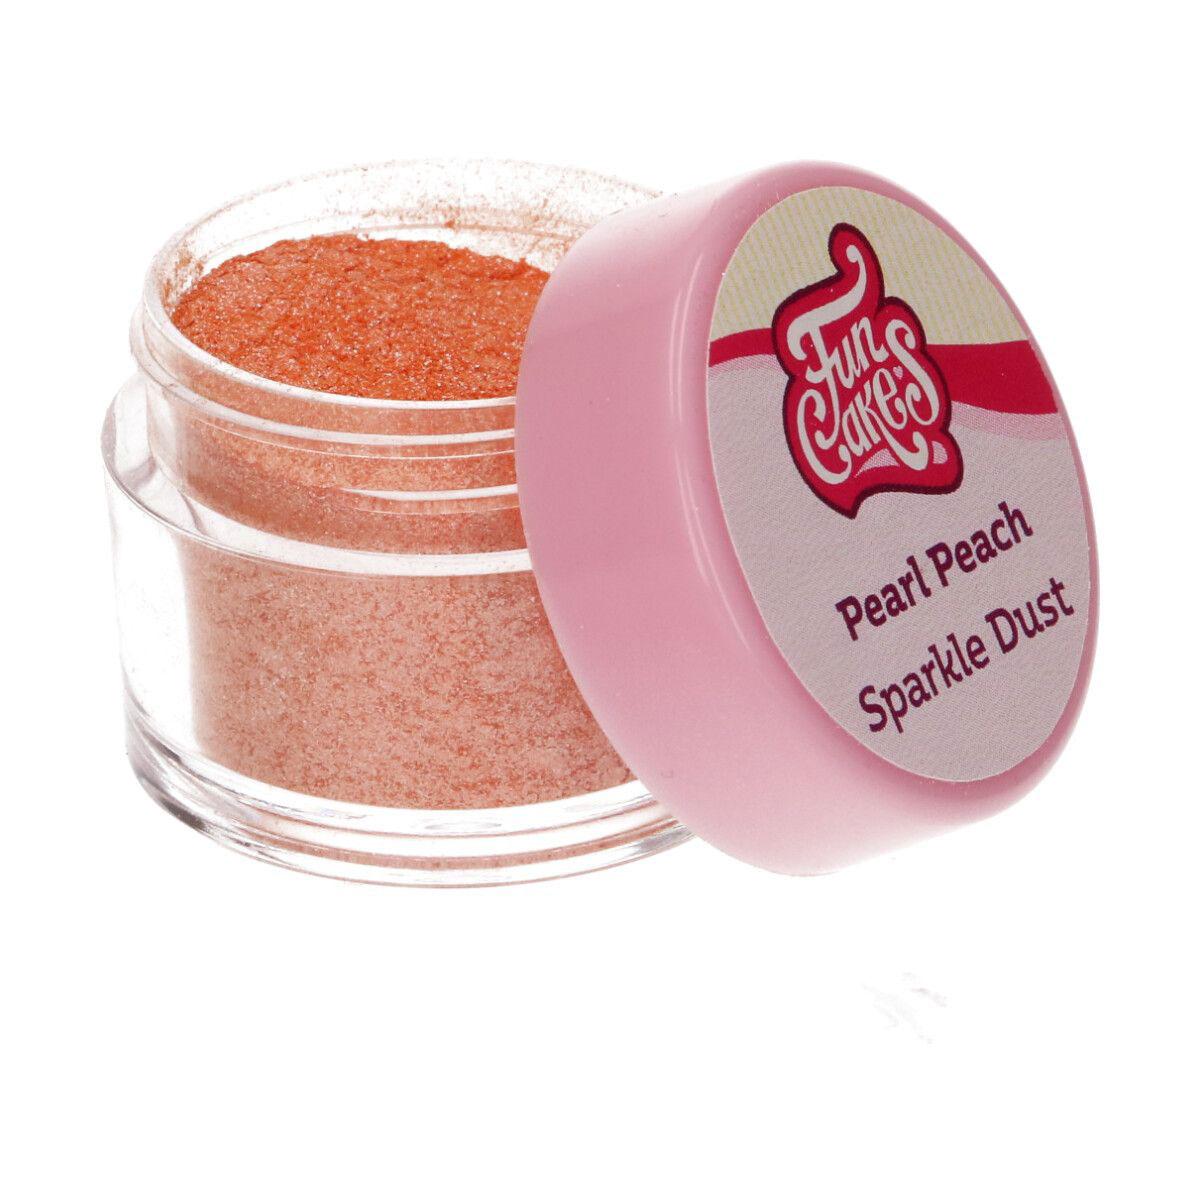 Funcakes Edible Sparkle Dust - Pearl Peach